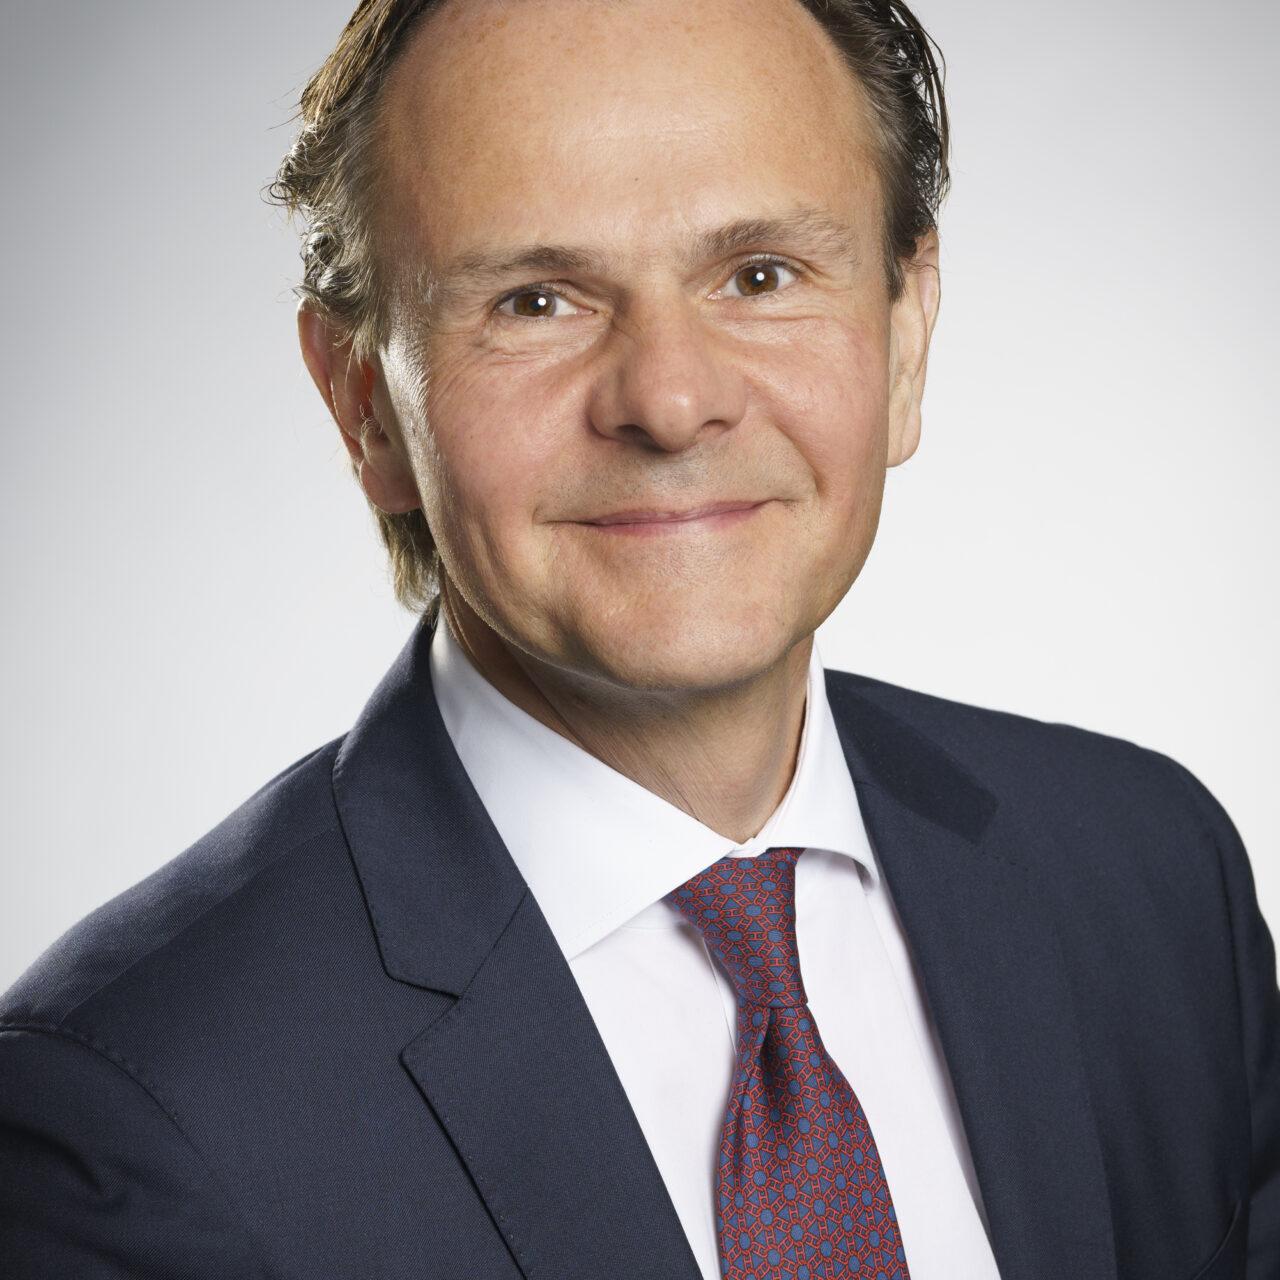 Björn Jesch wird Multi Asset-Chef bei DWS